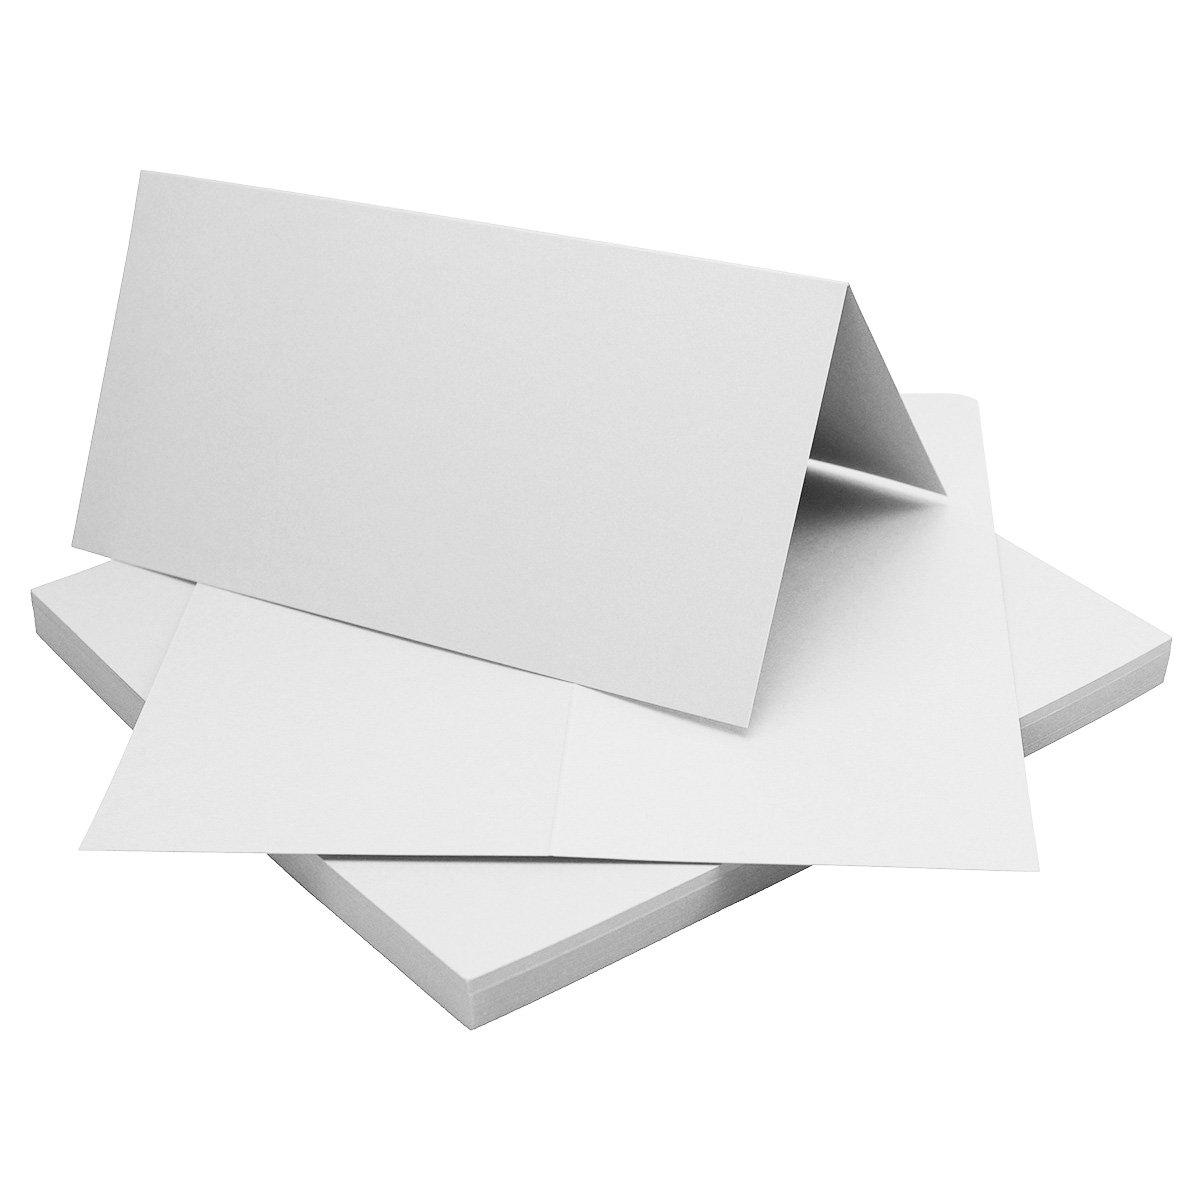 700 Faltkarten Din Lang - Hellgrau - Premium Qualität - 10,5 x 21 cm - Sehr formstabil - für Drucker Geeignet  - Qualitätsmarke  NEUSER FarbenFroh B0171WQ7PG | Räumungsverkauf